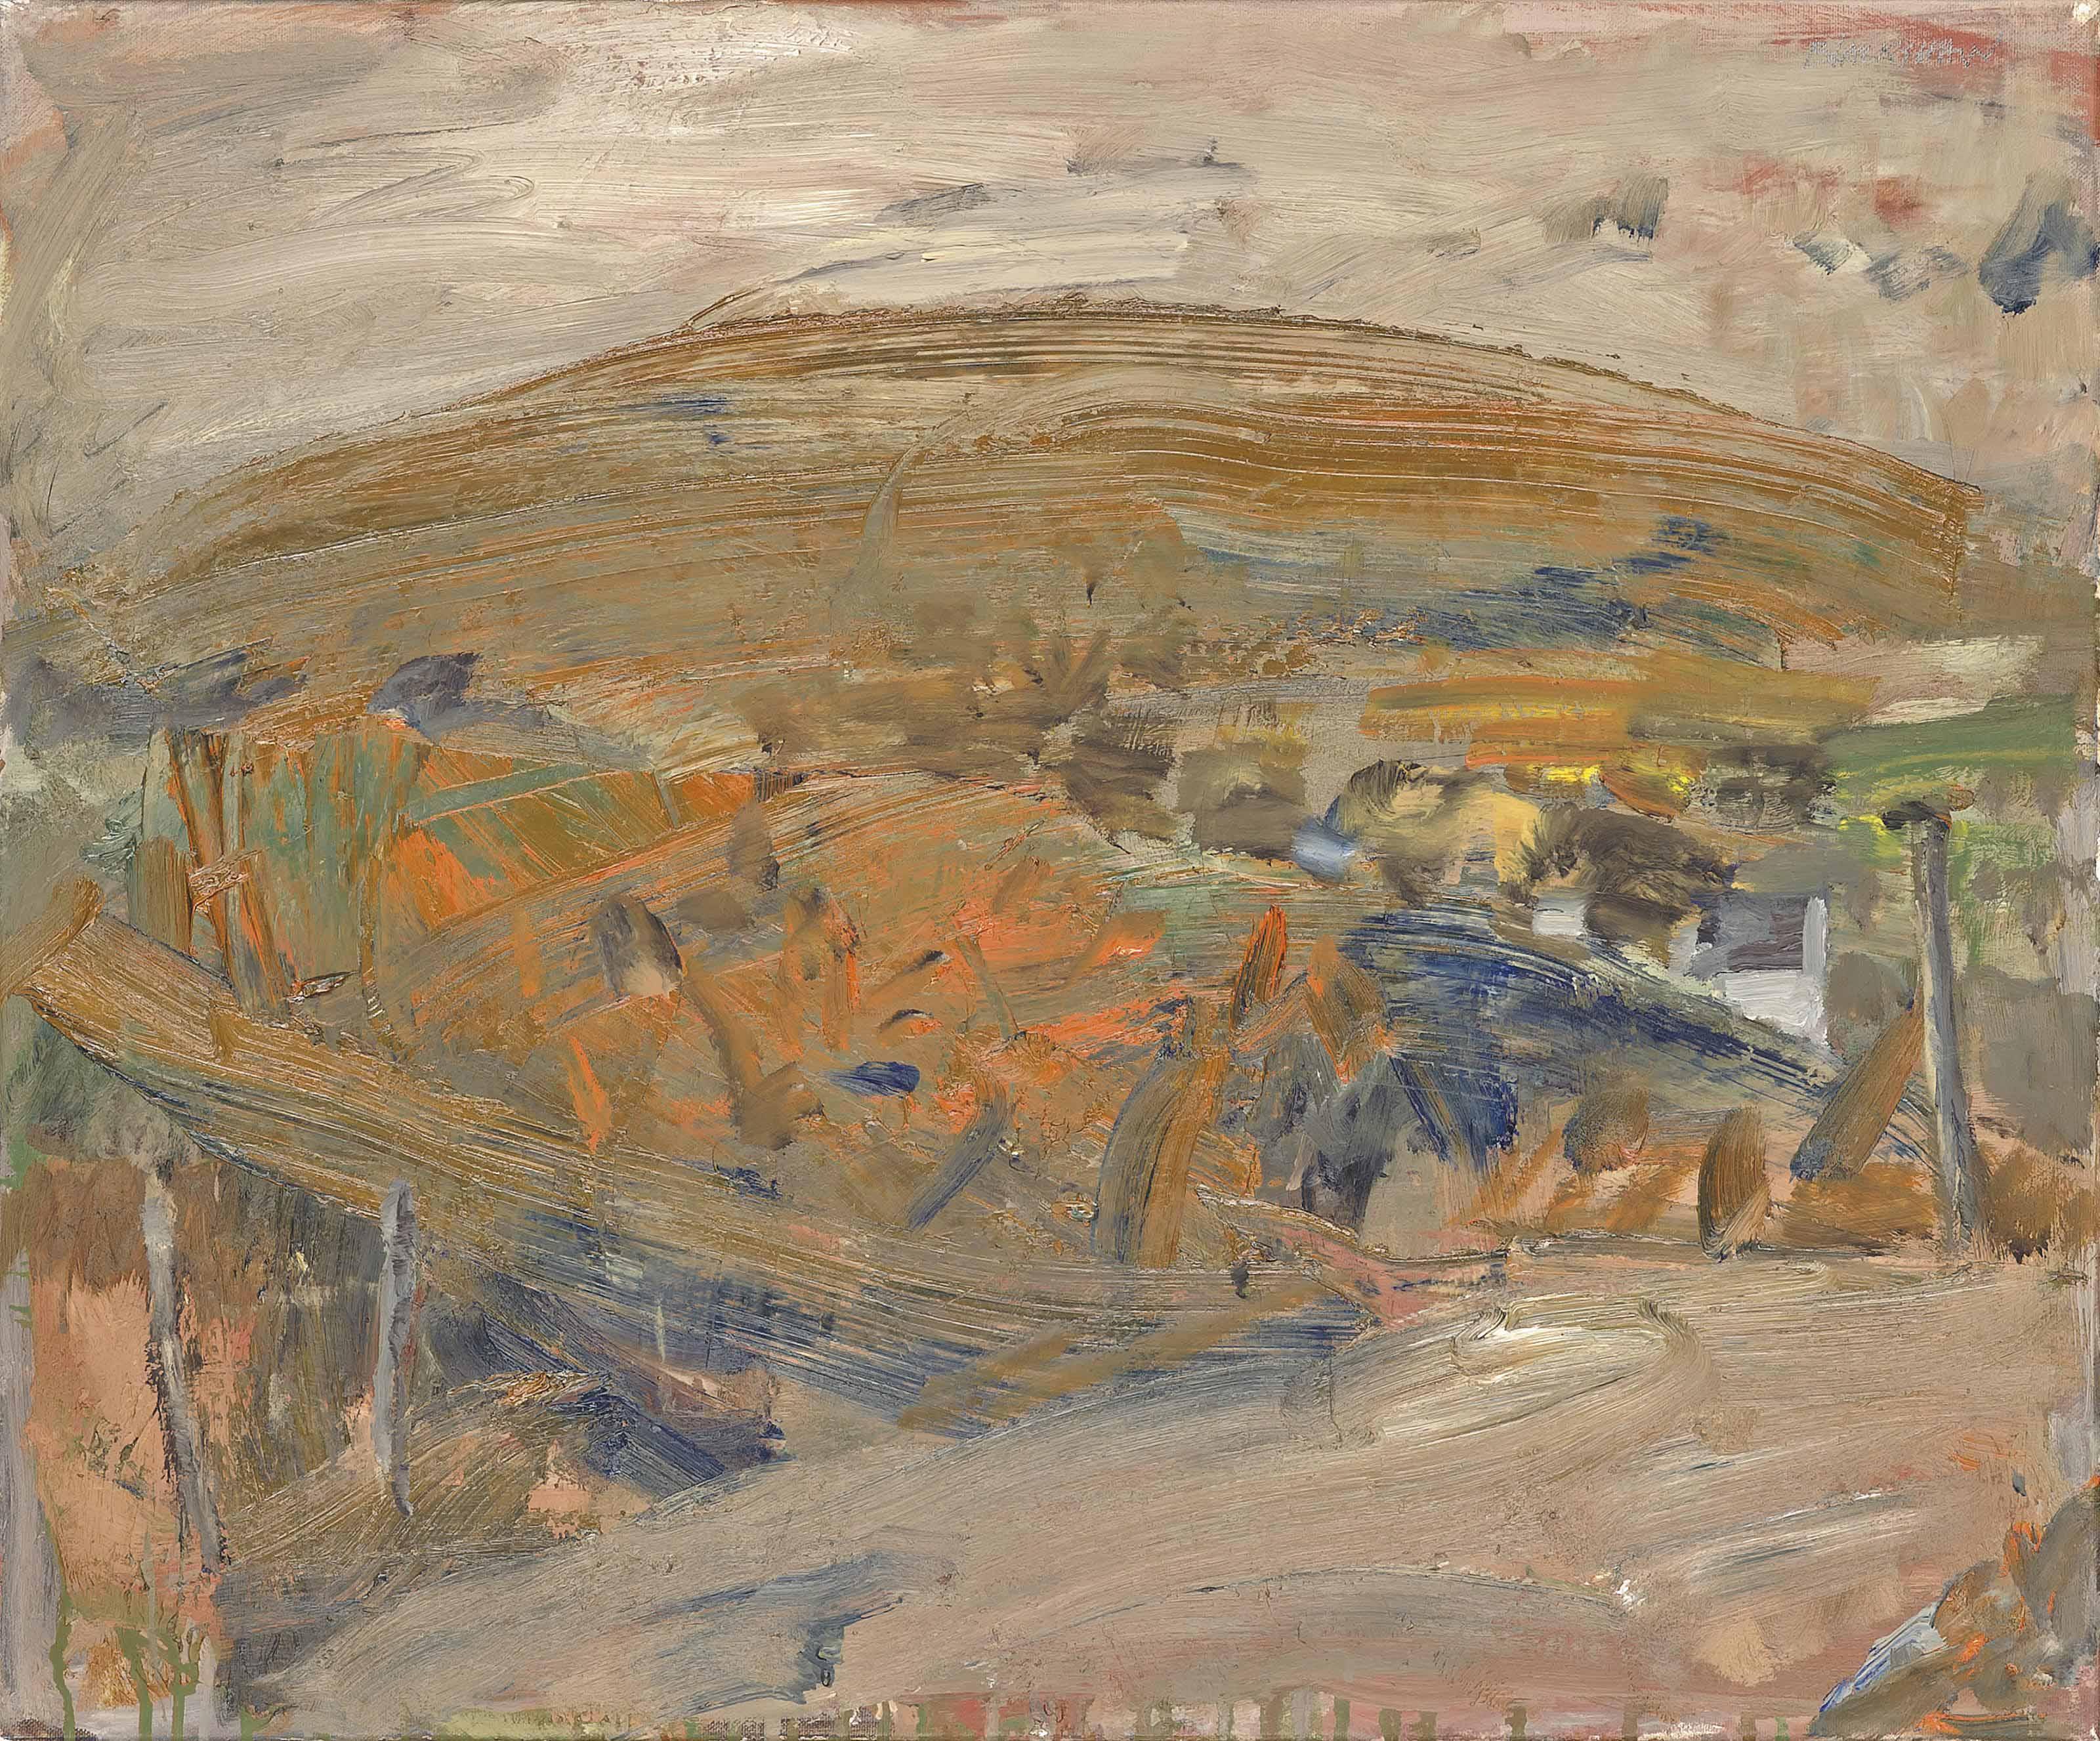 Basil Resale South >> Basil Blackshaw, H.R.H.A. (b. 1932) , Hillside | Christie's